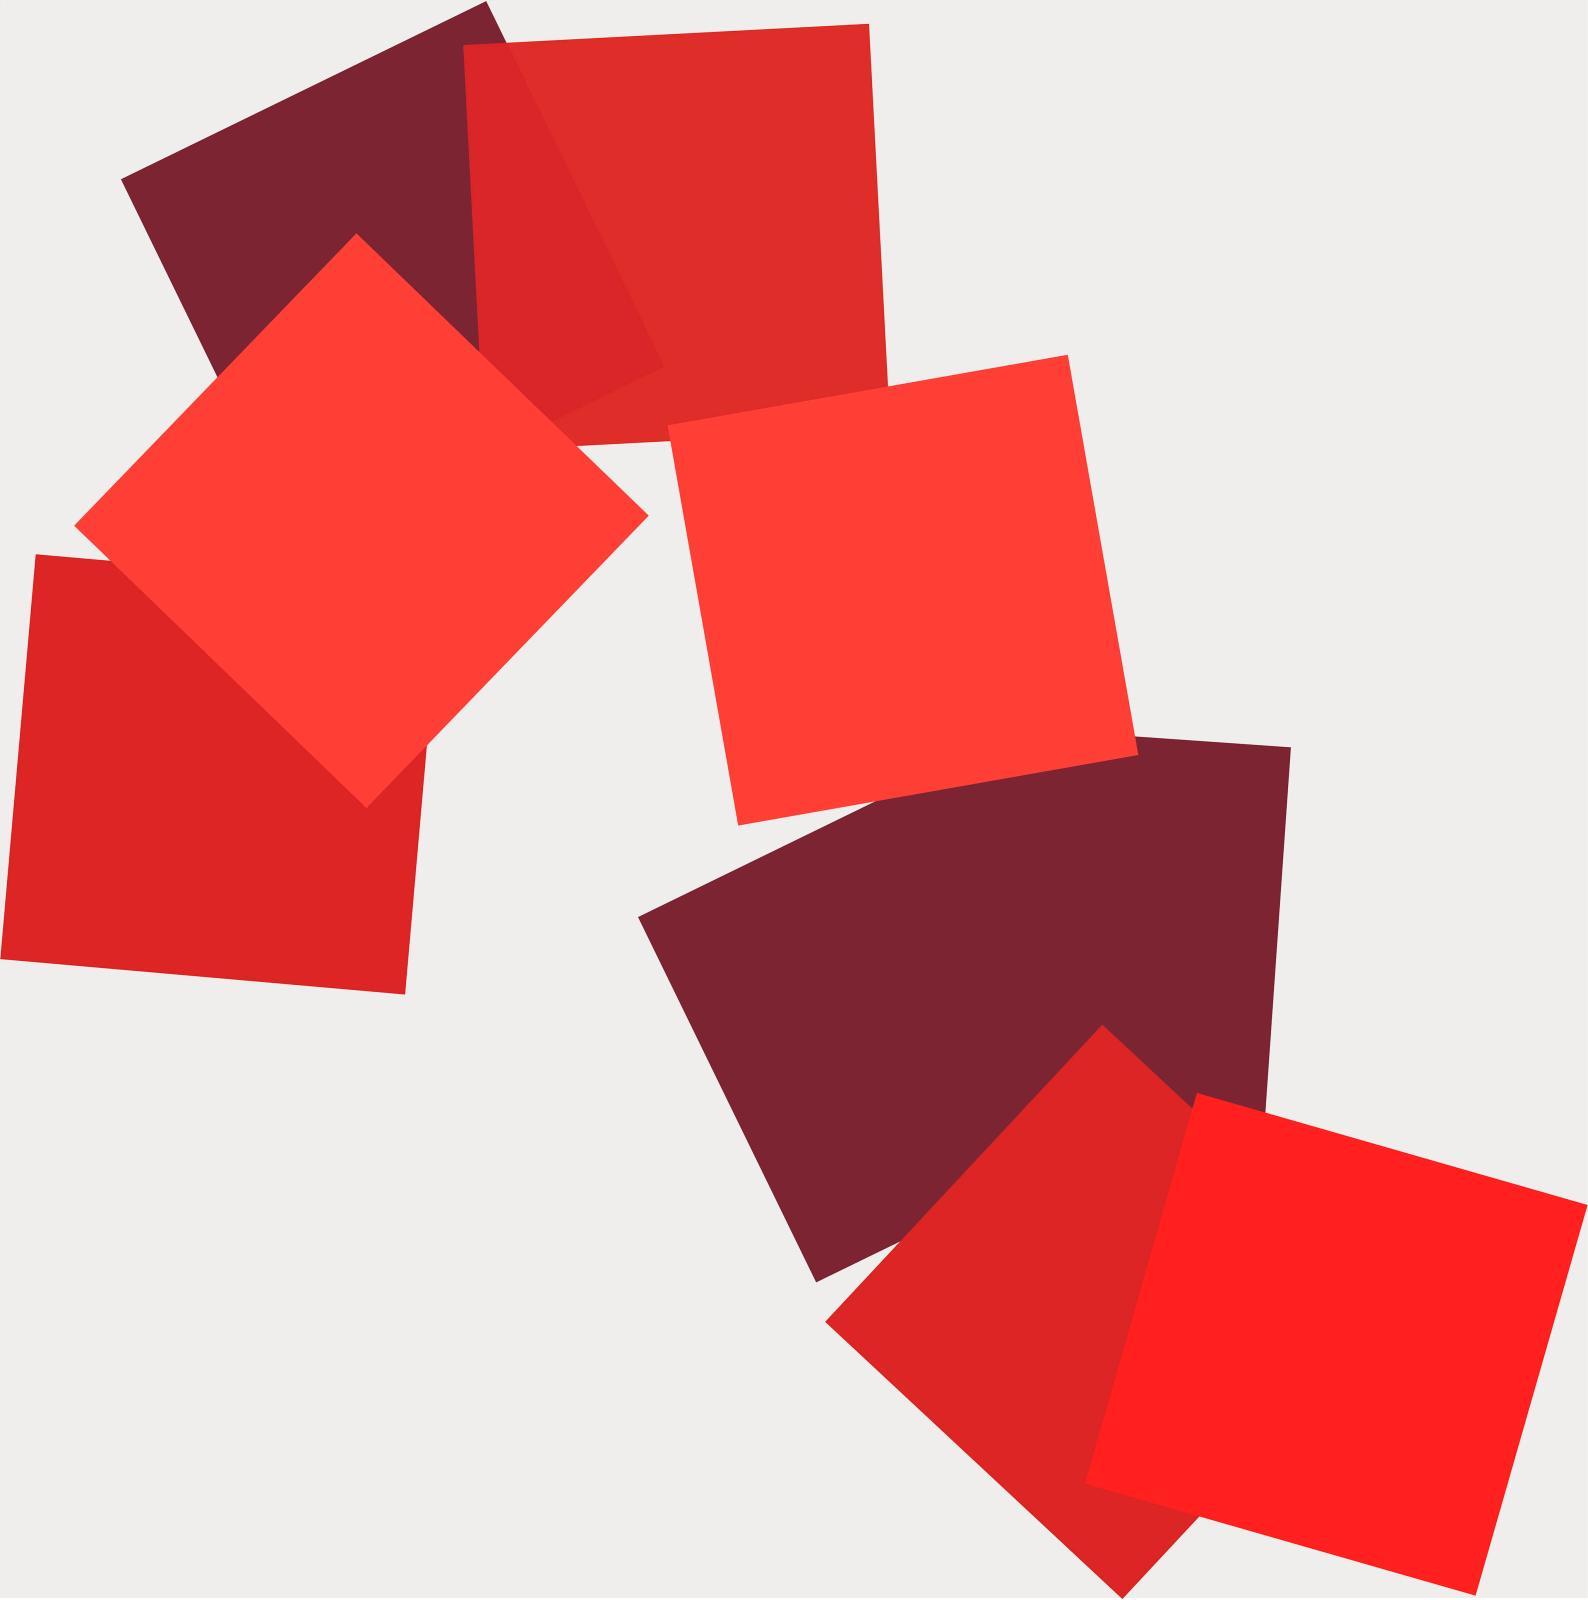 Vera Molnár, Sainte-Victoire en rouge, 2019, acrylique sur toile, 100 x 100 cm, collection européenne. © photo galerie oniris, rennes © ad